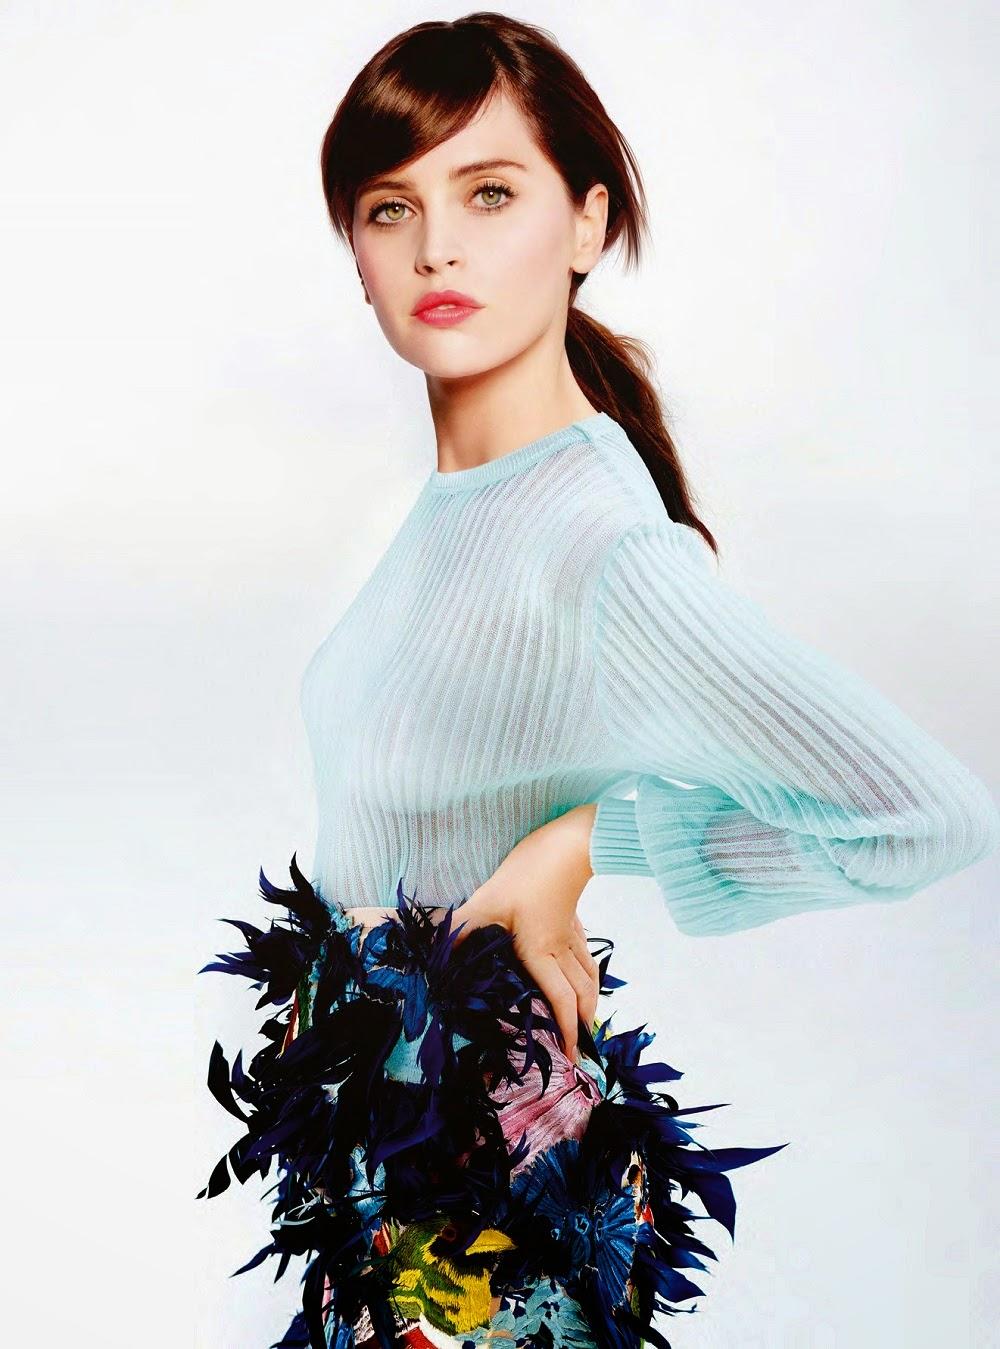 الممثلة الانكليزية فيليسيتي جونز  في صور لمجلة ينستيلي - مارس 2015